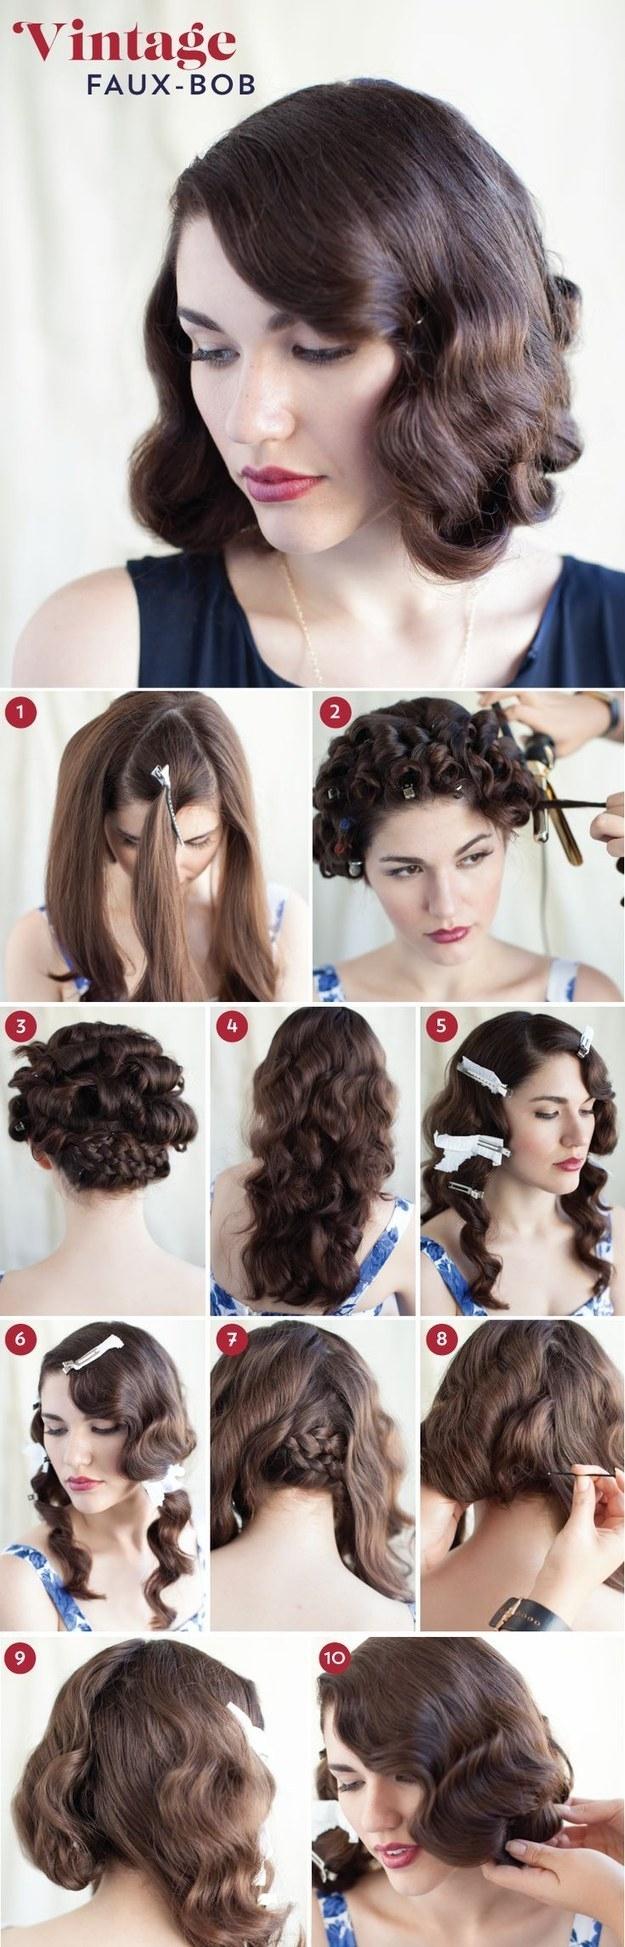 Những kiểu tóc mang phong cách vintage cực quyến rũ